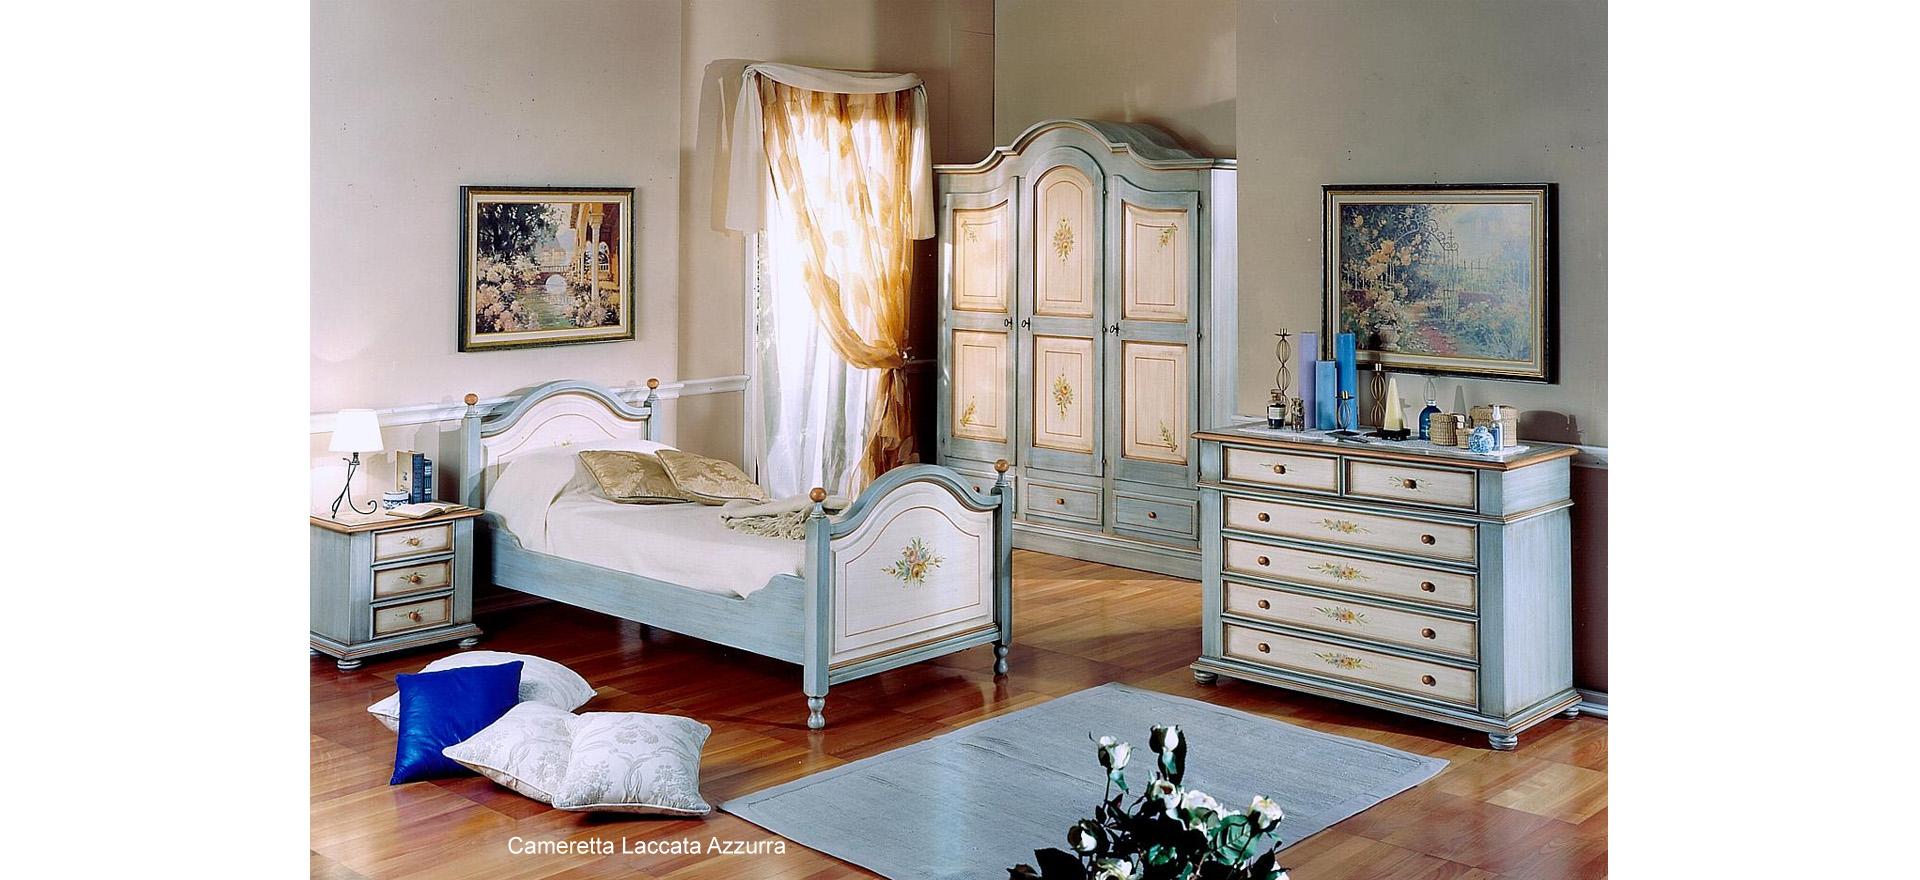 camerette-lacc-azzurra